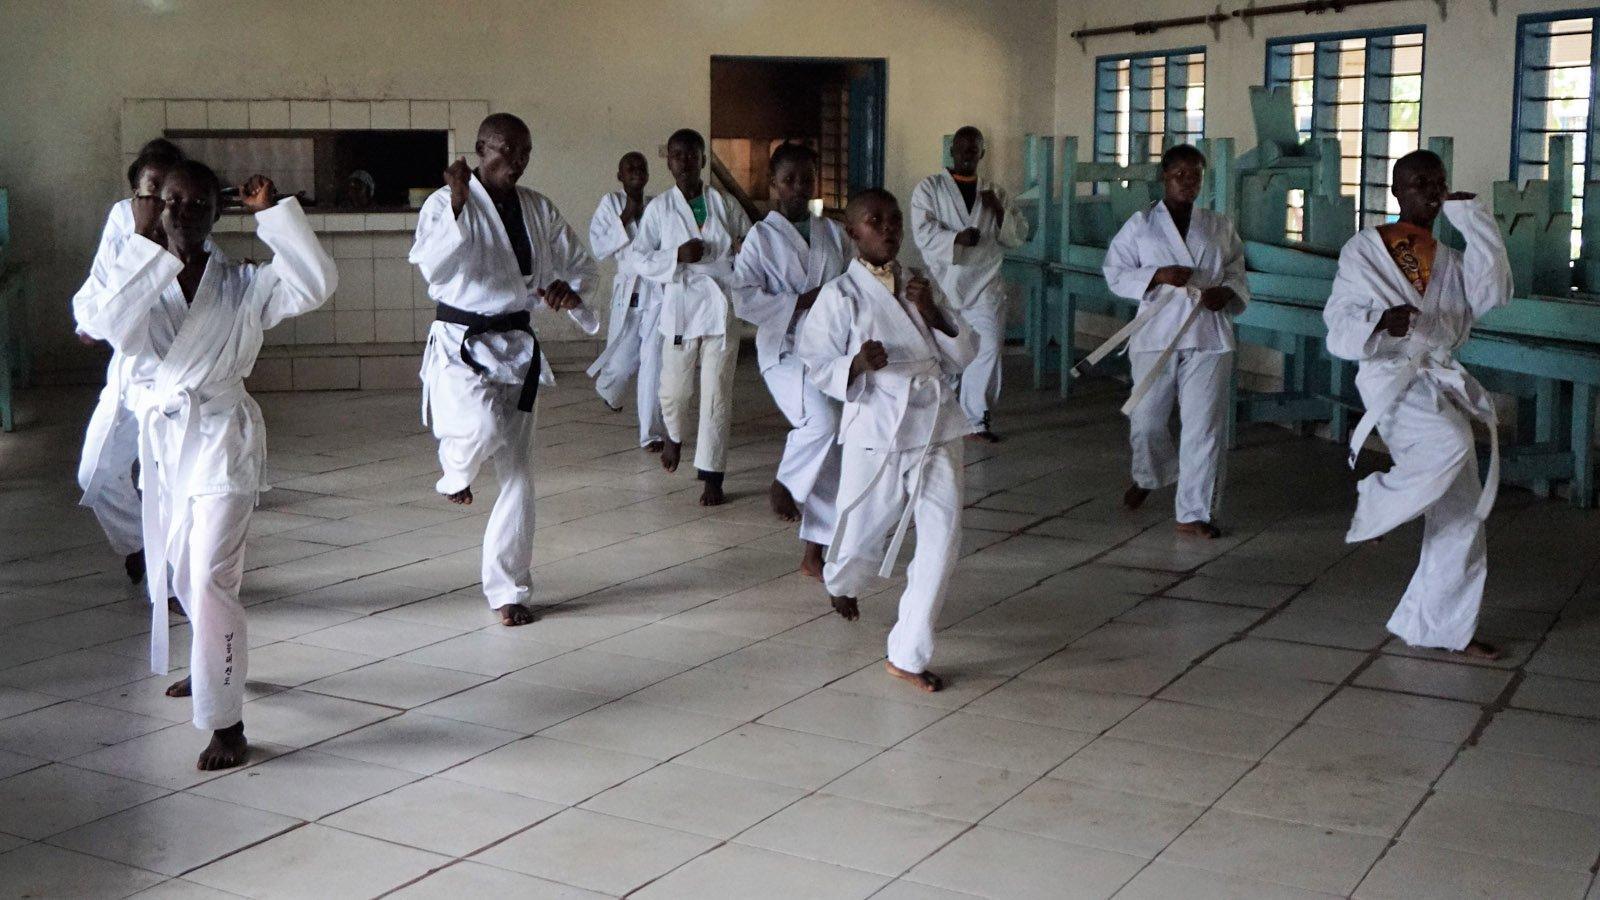 YOUNG-UNG Taekwondo Kilifi Vonwald School Kenia